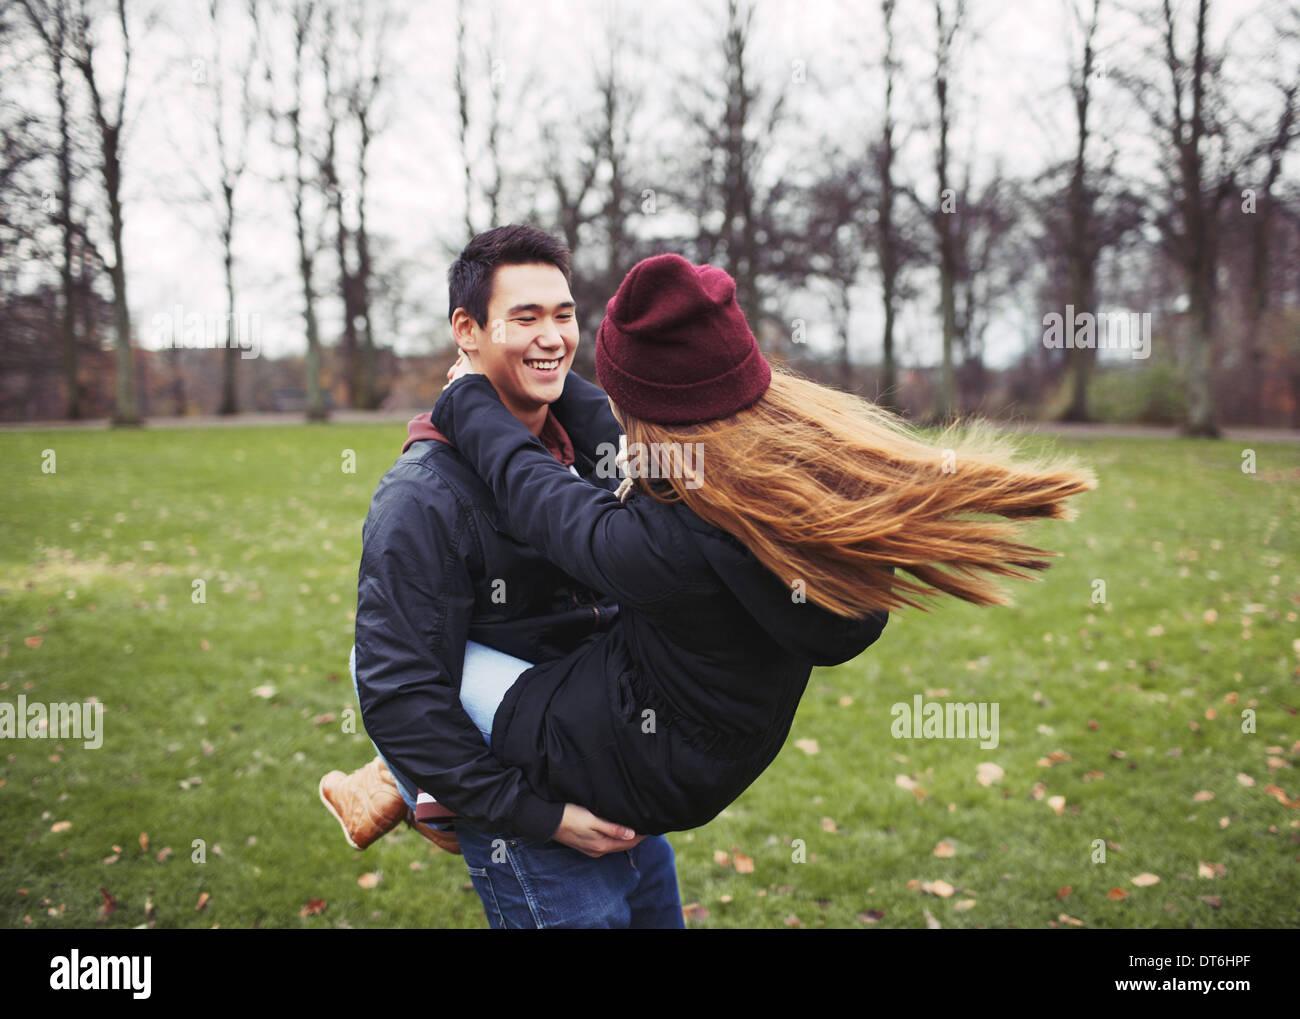 Bel giovane portando la sua fidanzata nel parco. Asian coppia giovane che si diverte all'esterno. Immagini Stock